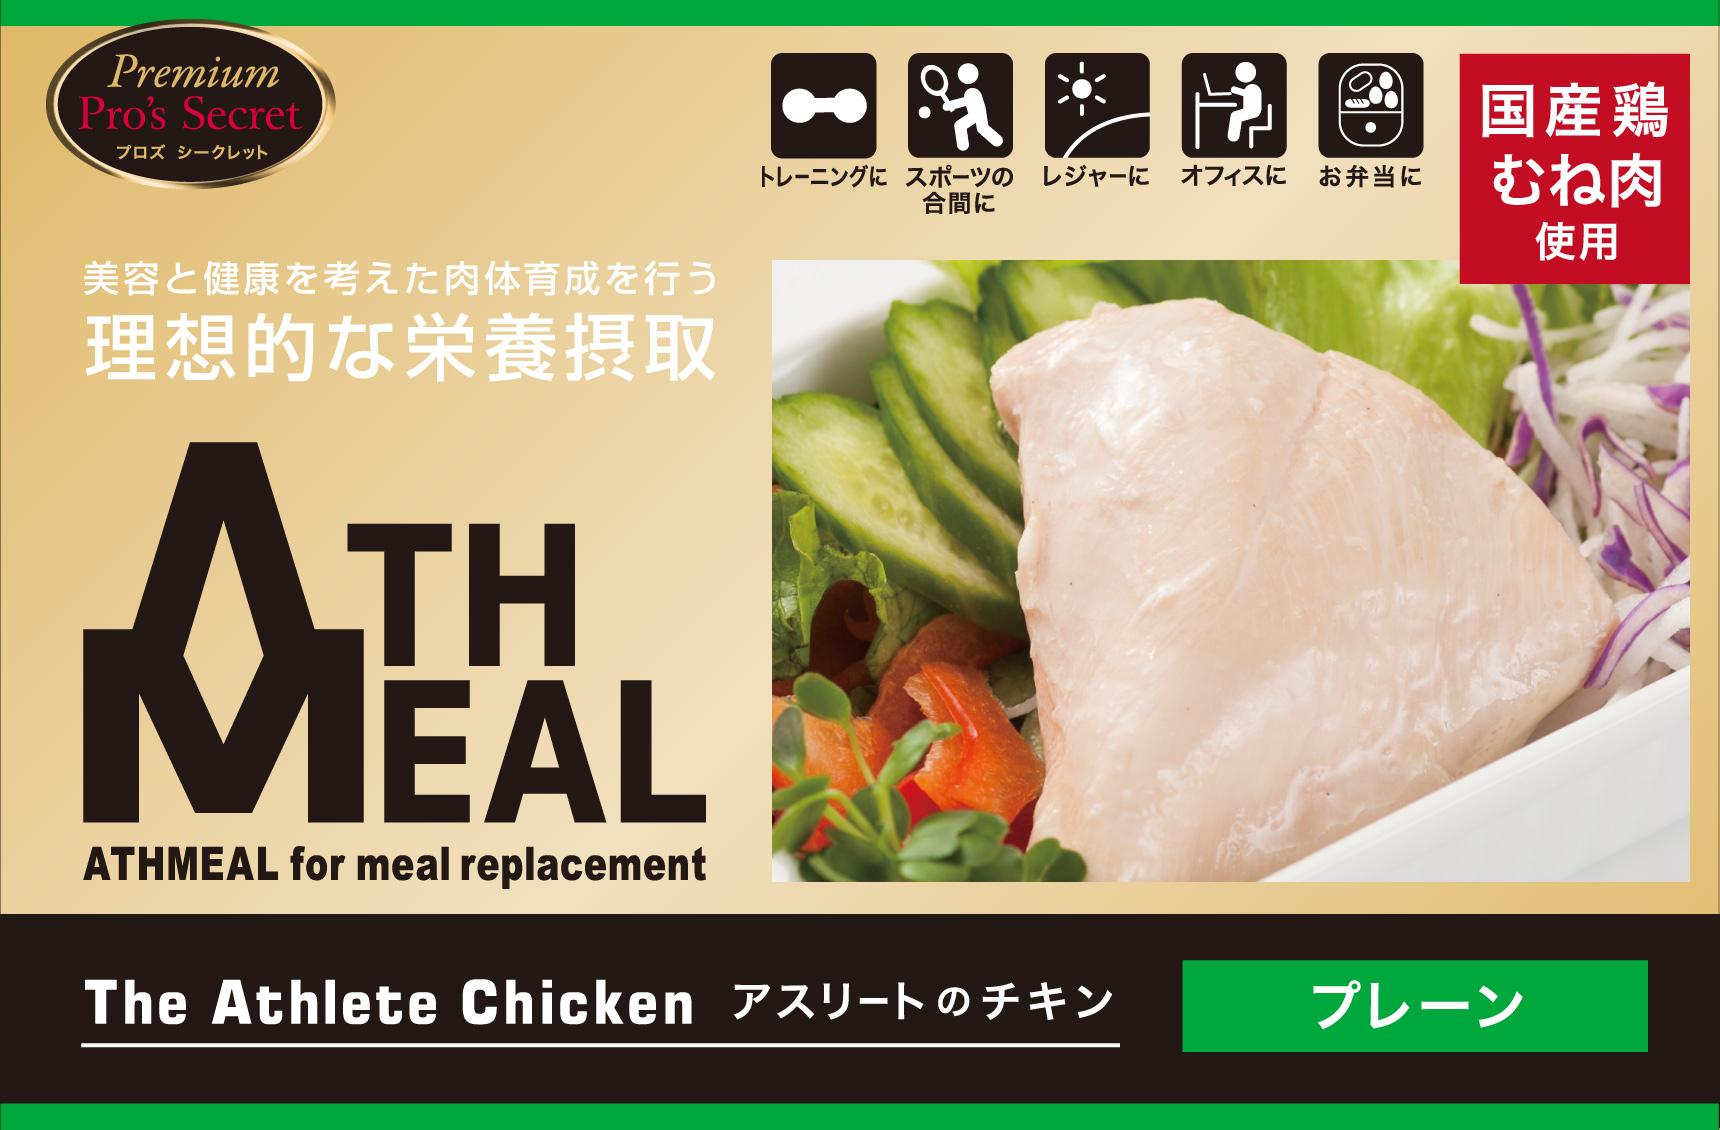 理想的な栄養摂取 美容と健康を考えた肉体育成を行う ATHMEAL 国産鶏むね肉使用 トレーニングに スポーツの合間に レジャーに オフィスに お弁当に The Athlete Chicken アスリートのチキン プレーン